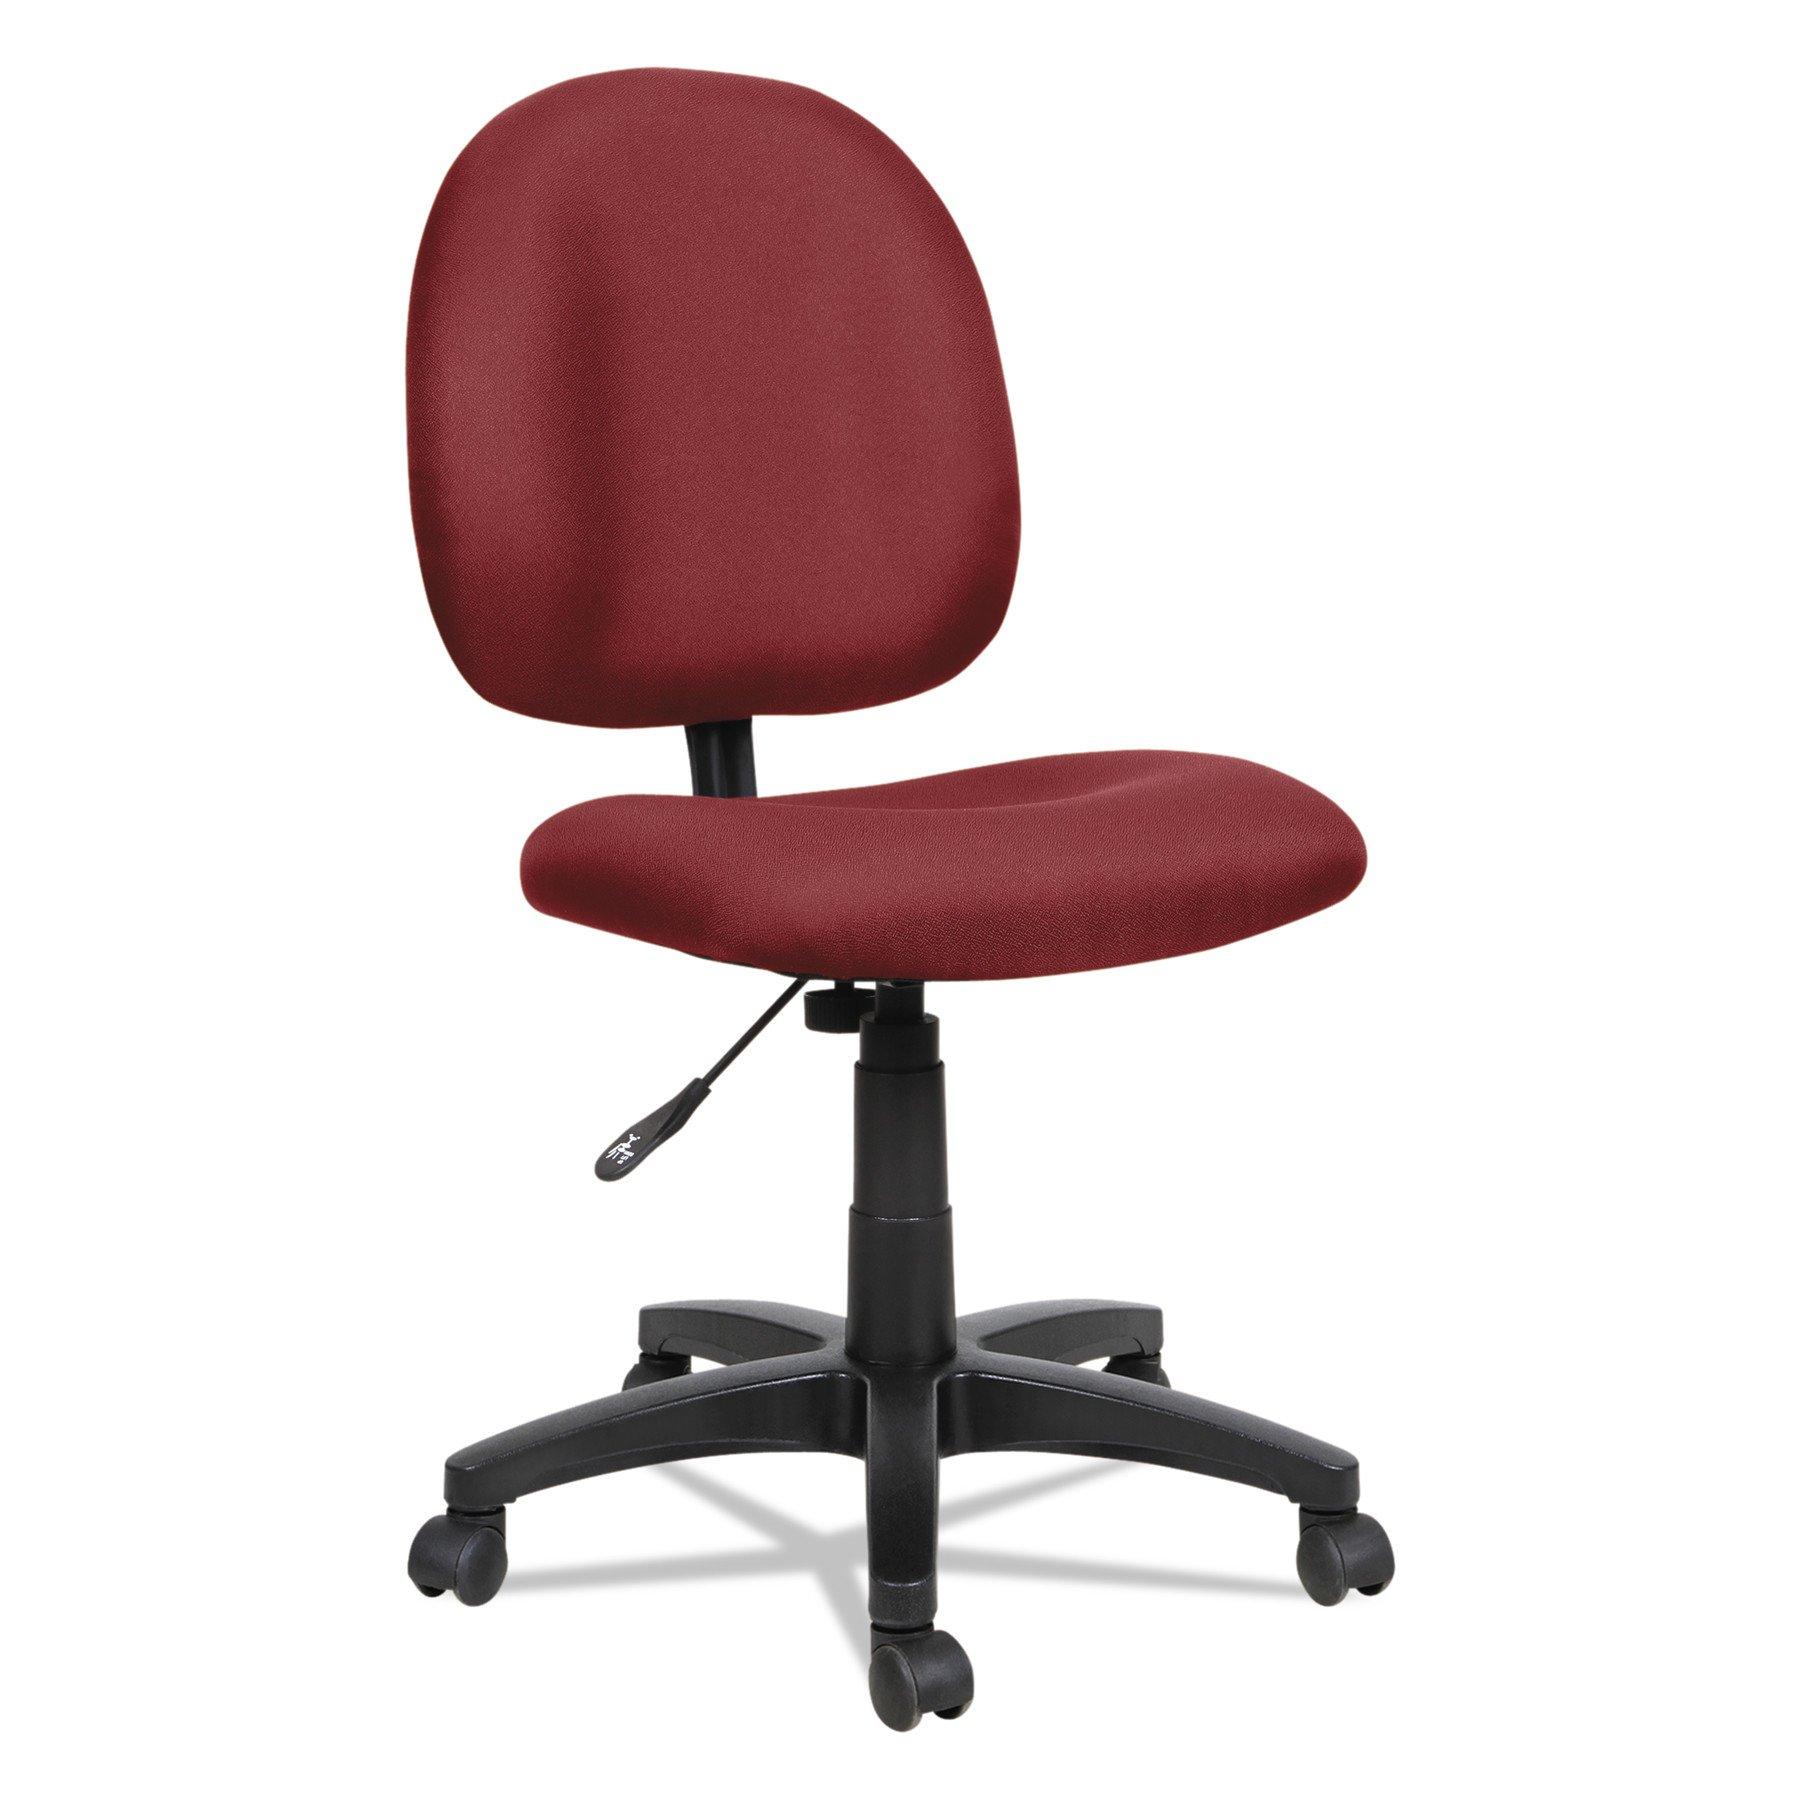 Alera ALEVT48FA30B Essentia Series Swivel Task Chair, Acrylic, Burgundy